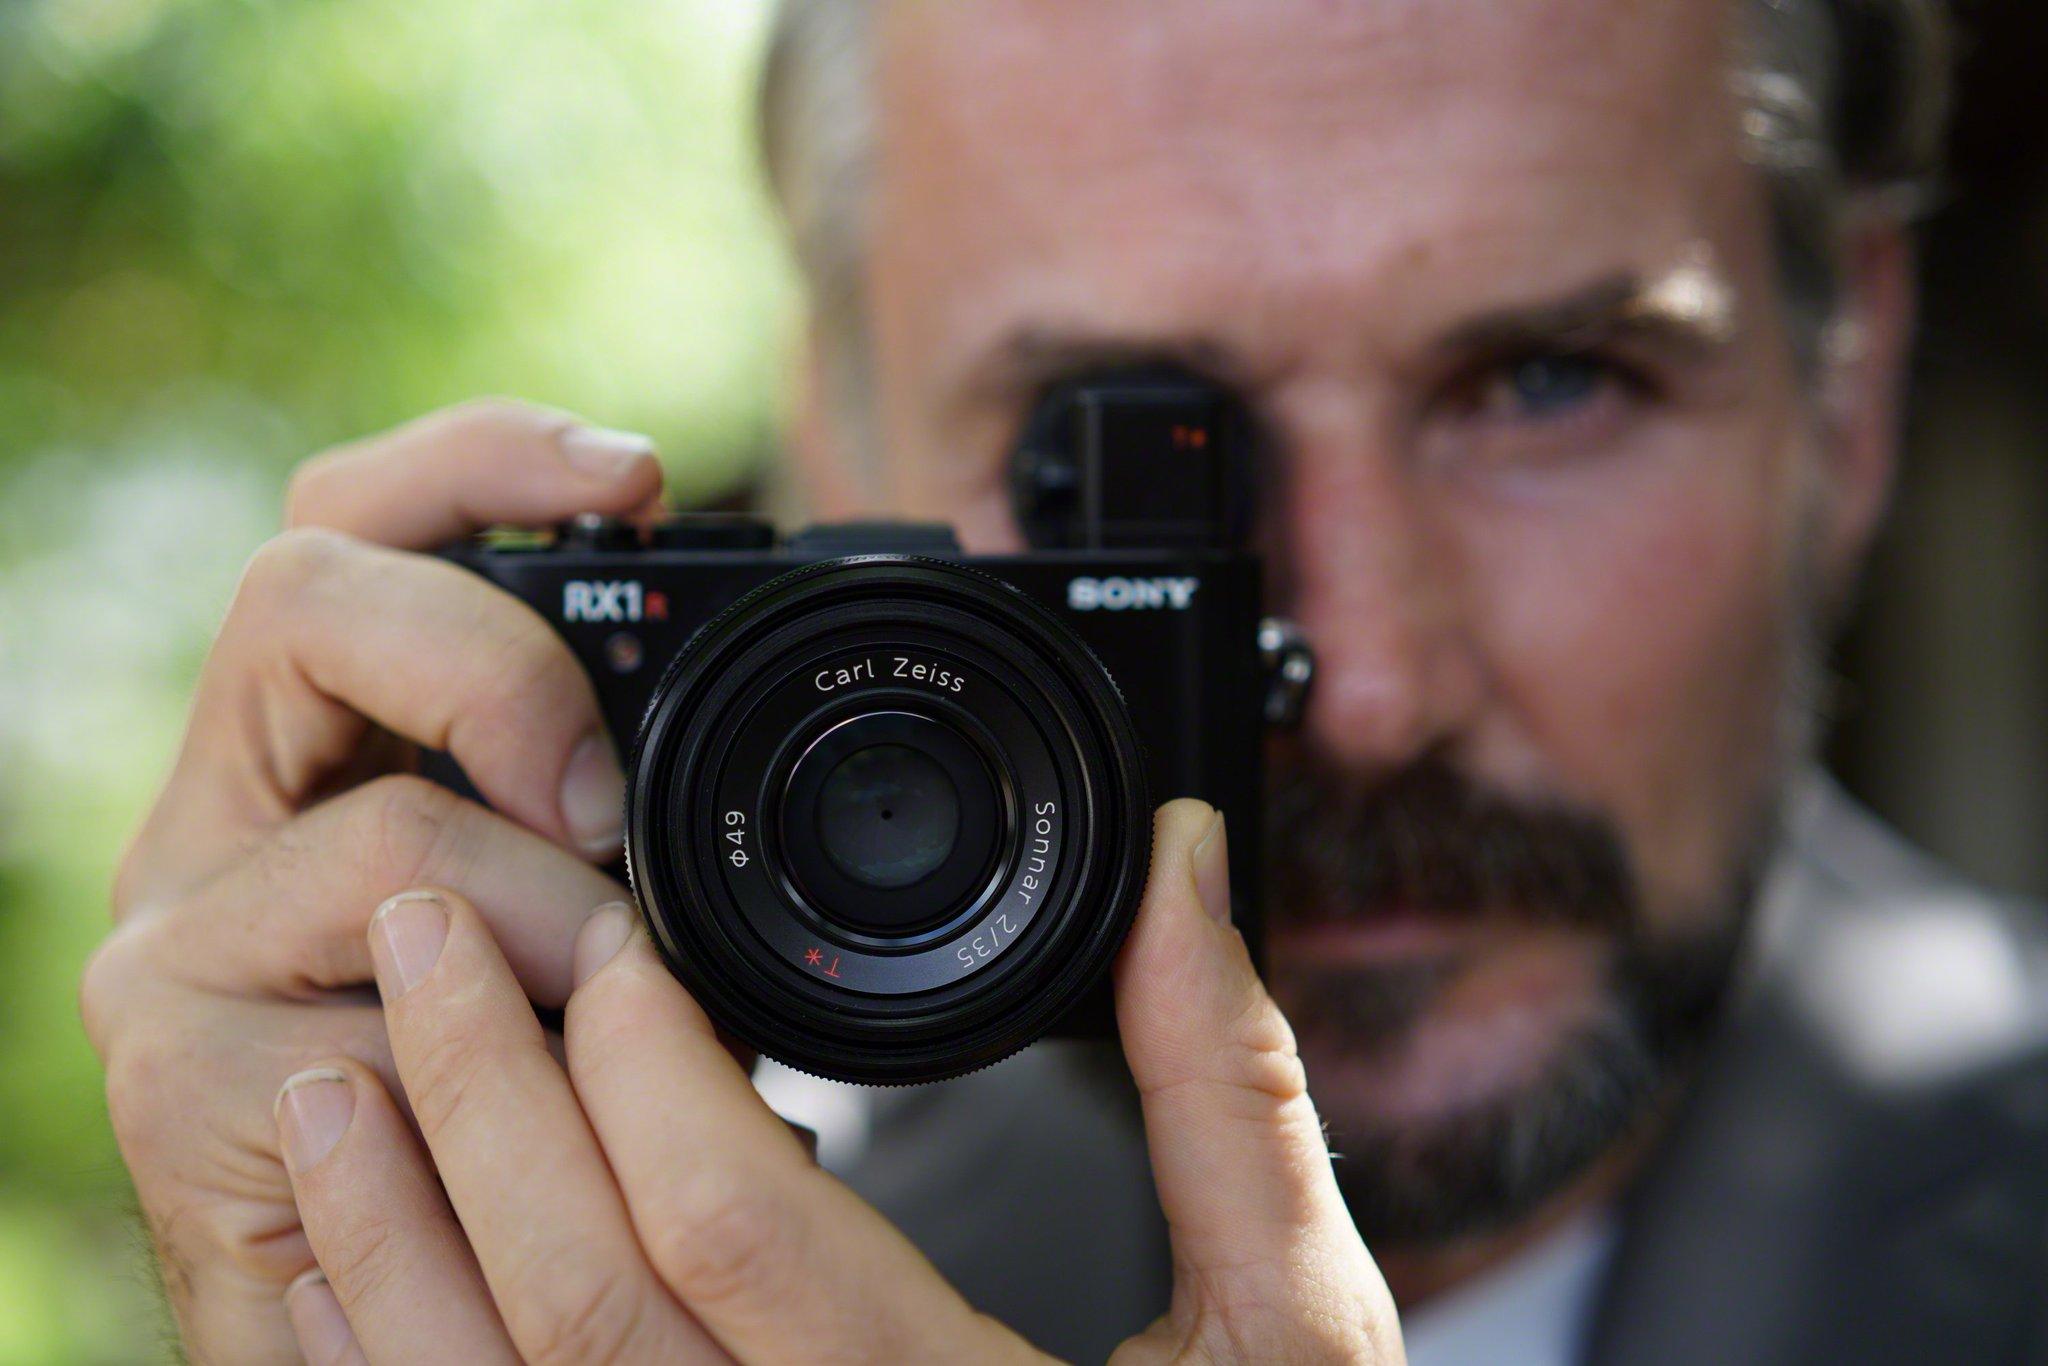 лучшие фотокамеры с полным кадром новые совместное фото